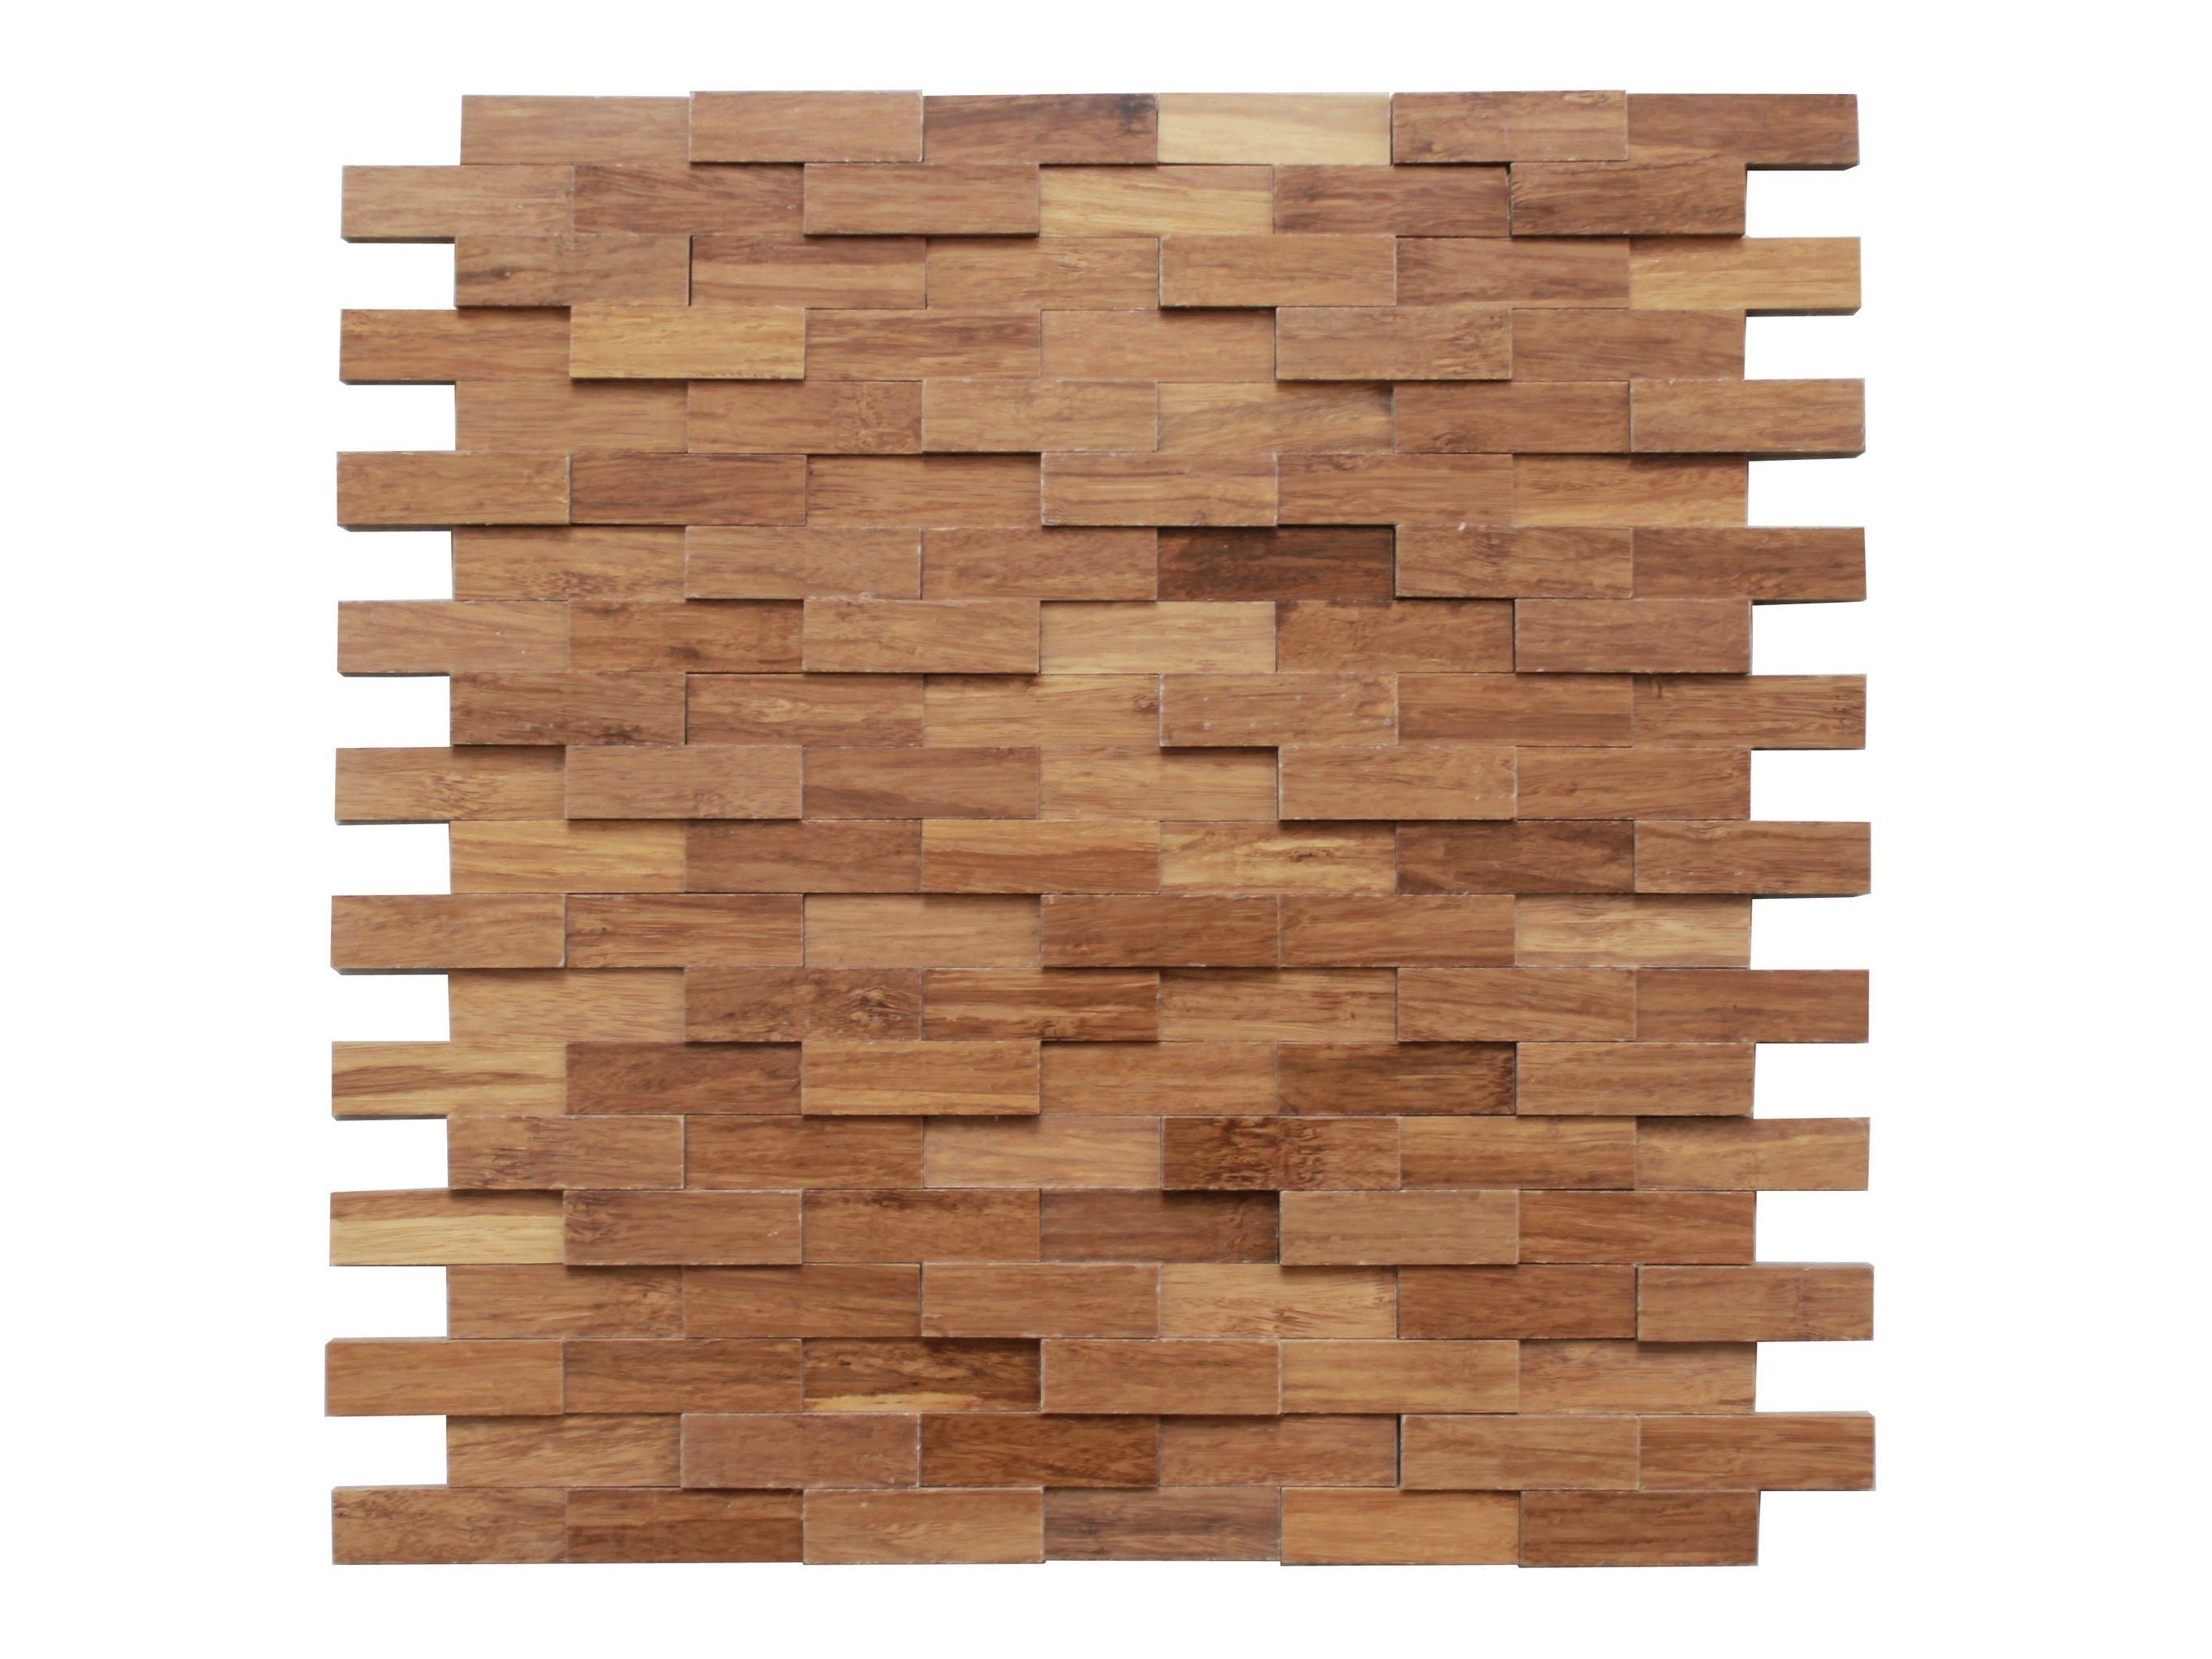 3d mosaikfliese aus bambus f r innen kul sc b3 3d mosaikfliese kul bamboo wandverkleidung. Black Bedroom Furniture Sets. Home Design Ideas